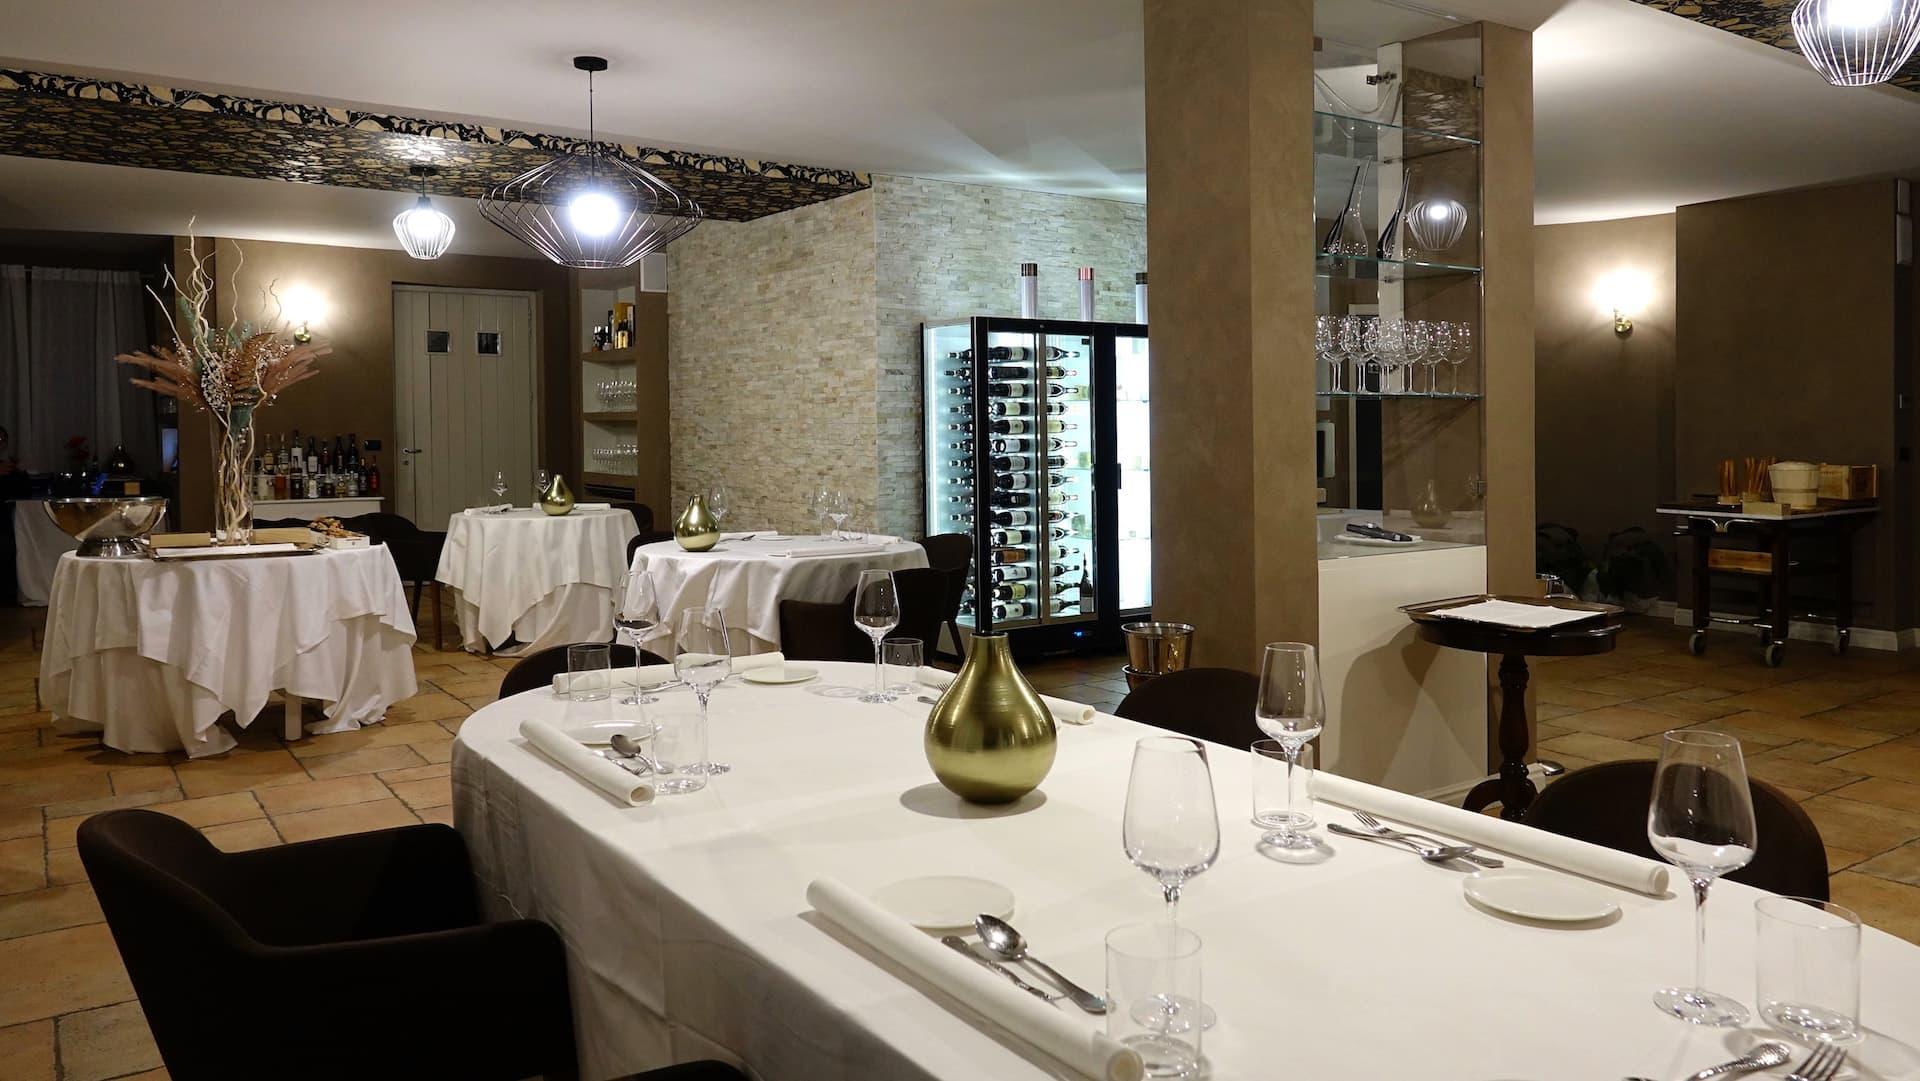 Morra restaurant ristorante a cherasco provincia di cuneo - Corsi cucina cuneo ...